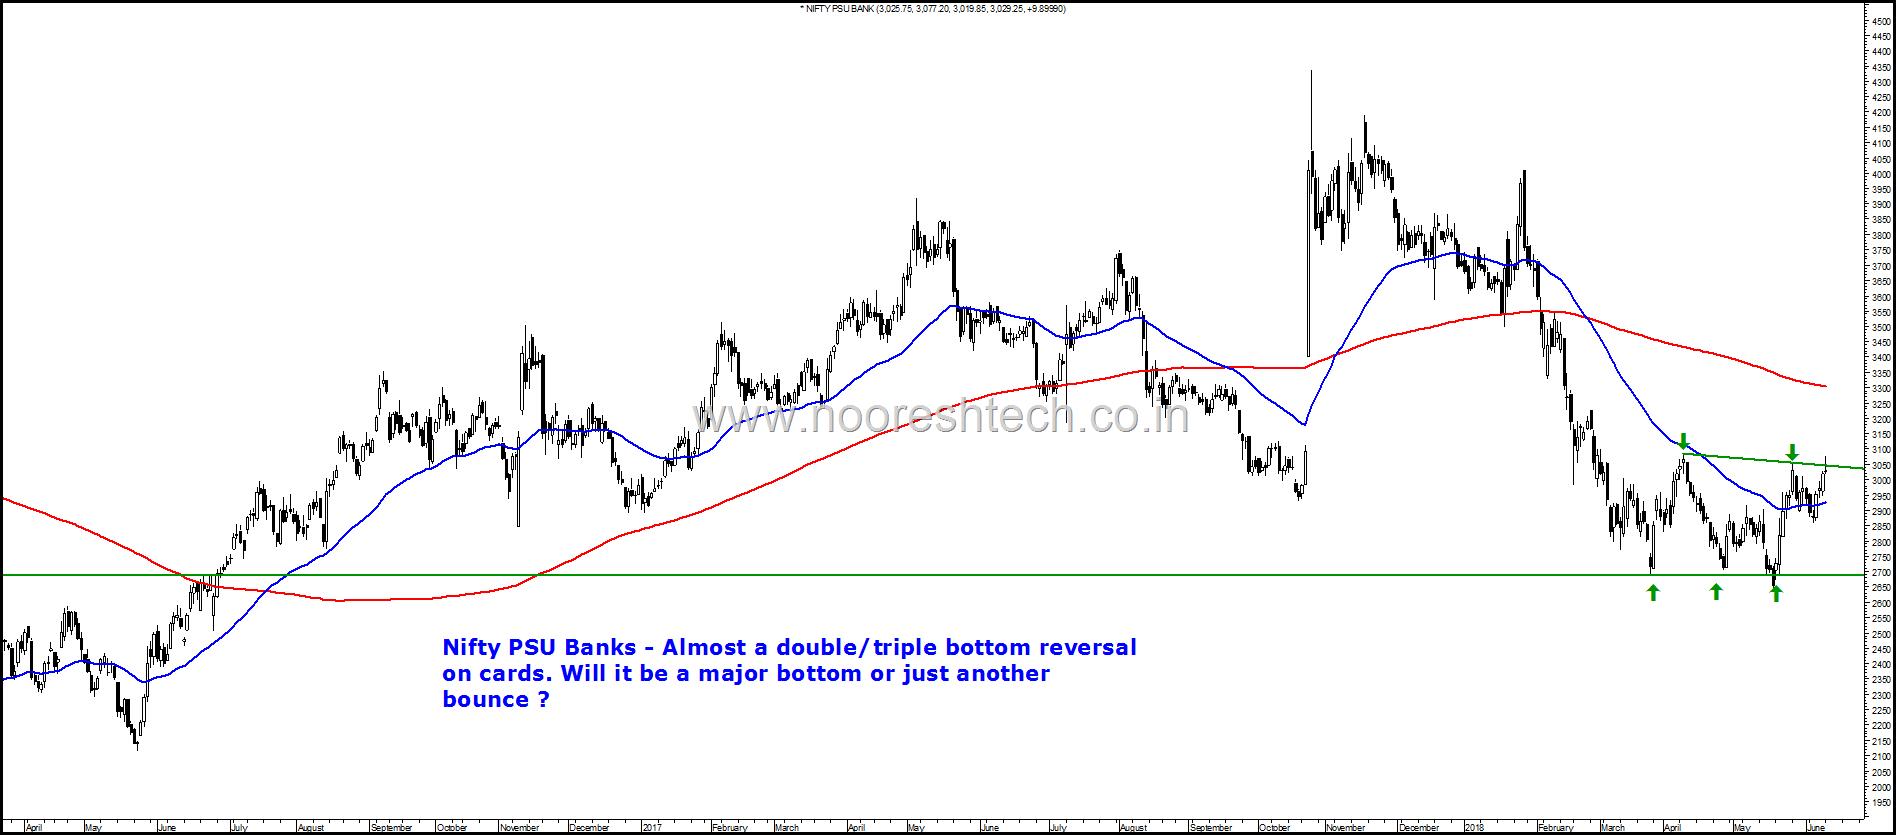 Nifty PSU Bank